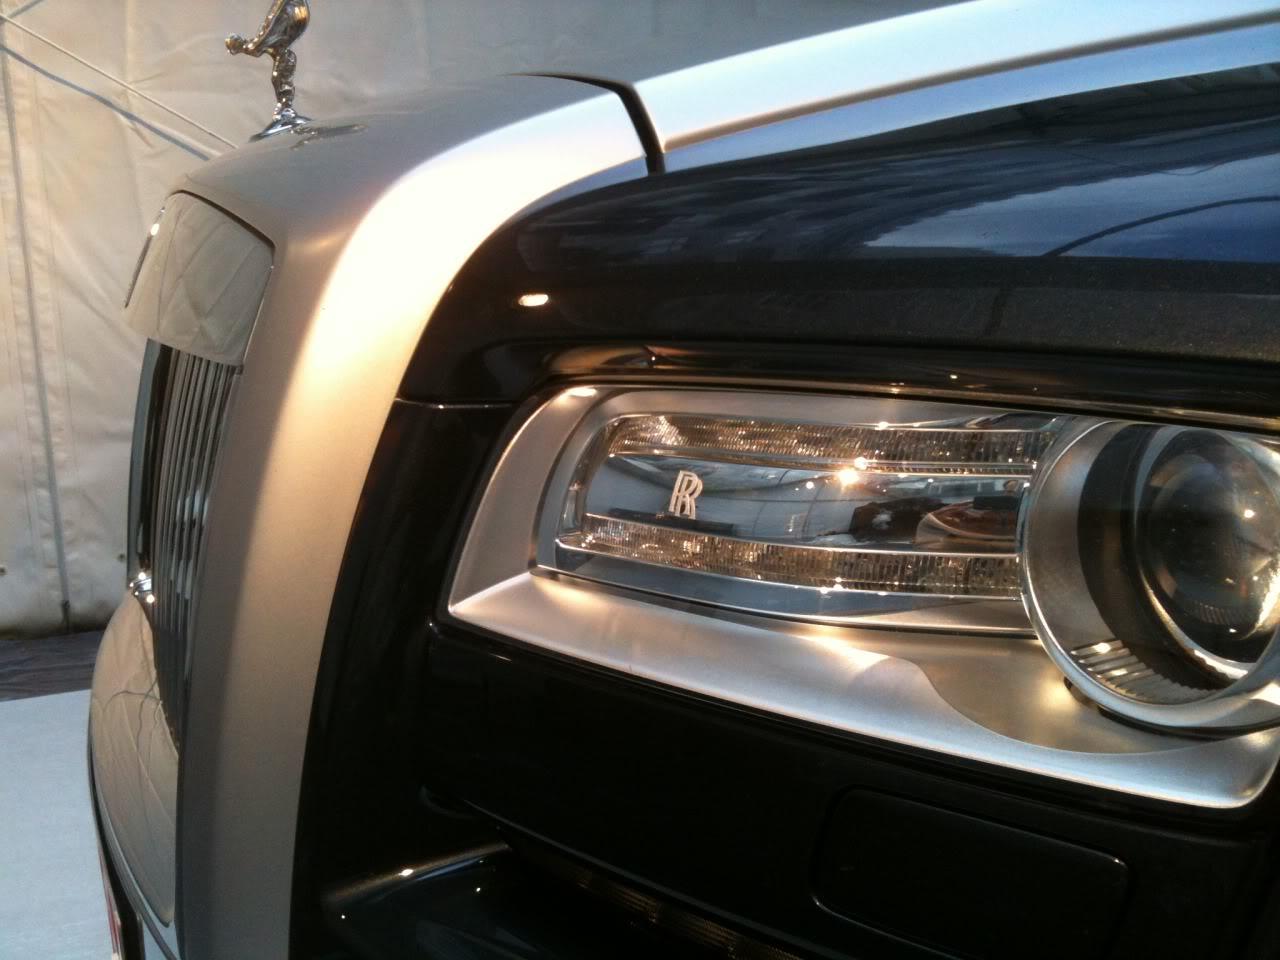 corum - CR Evénement Corum & Rolls-Royce à Bruxelles 25/11 - PHOTOS CORUM-EVENT-11